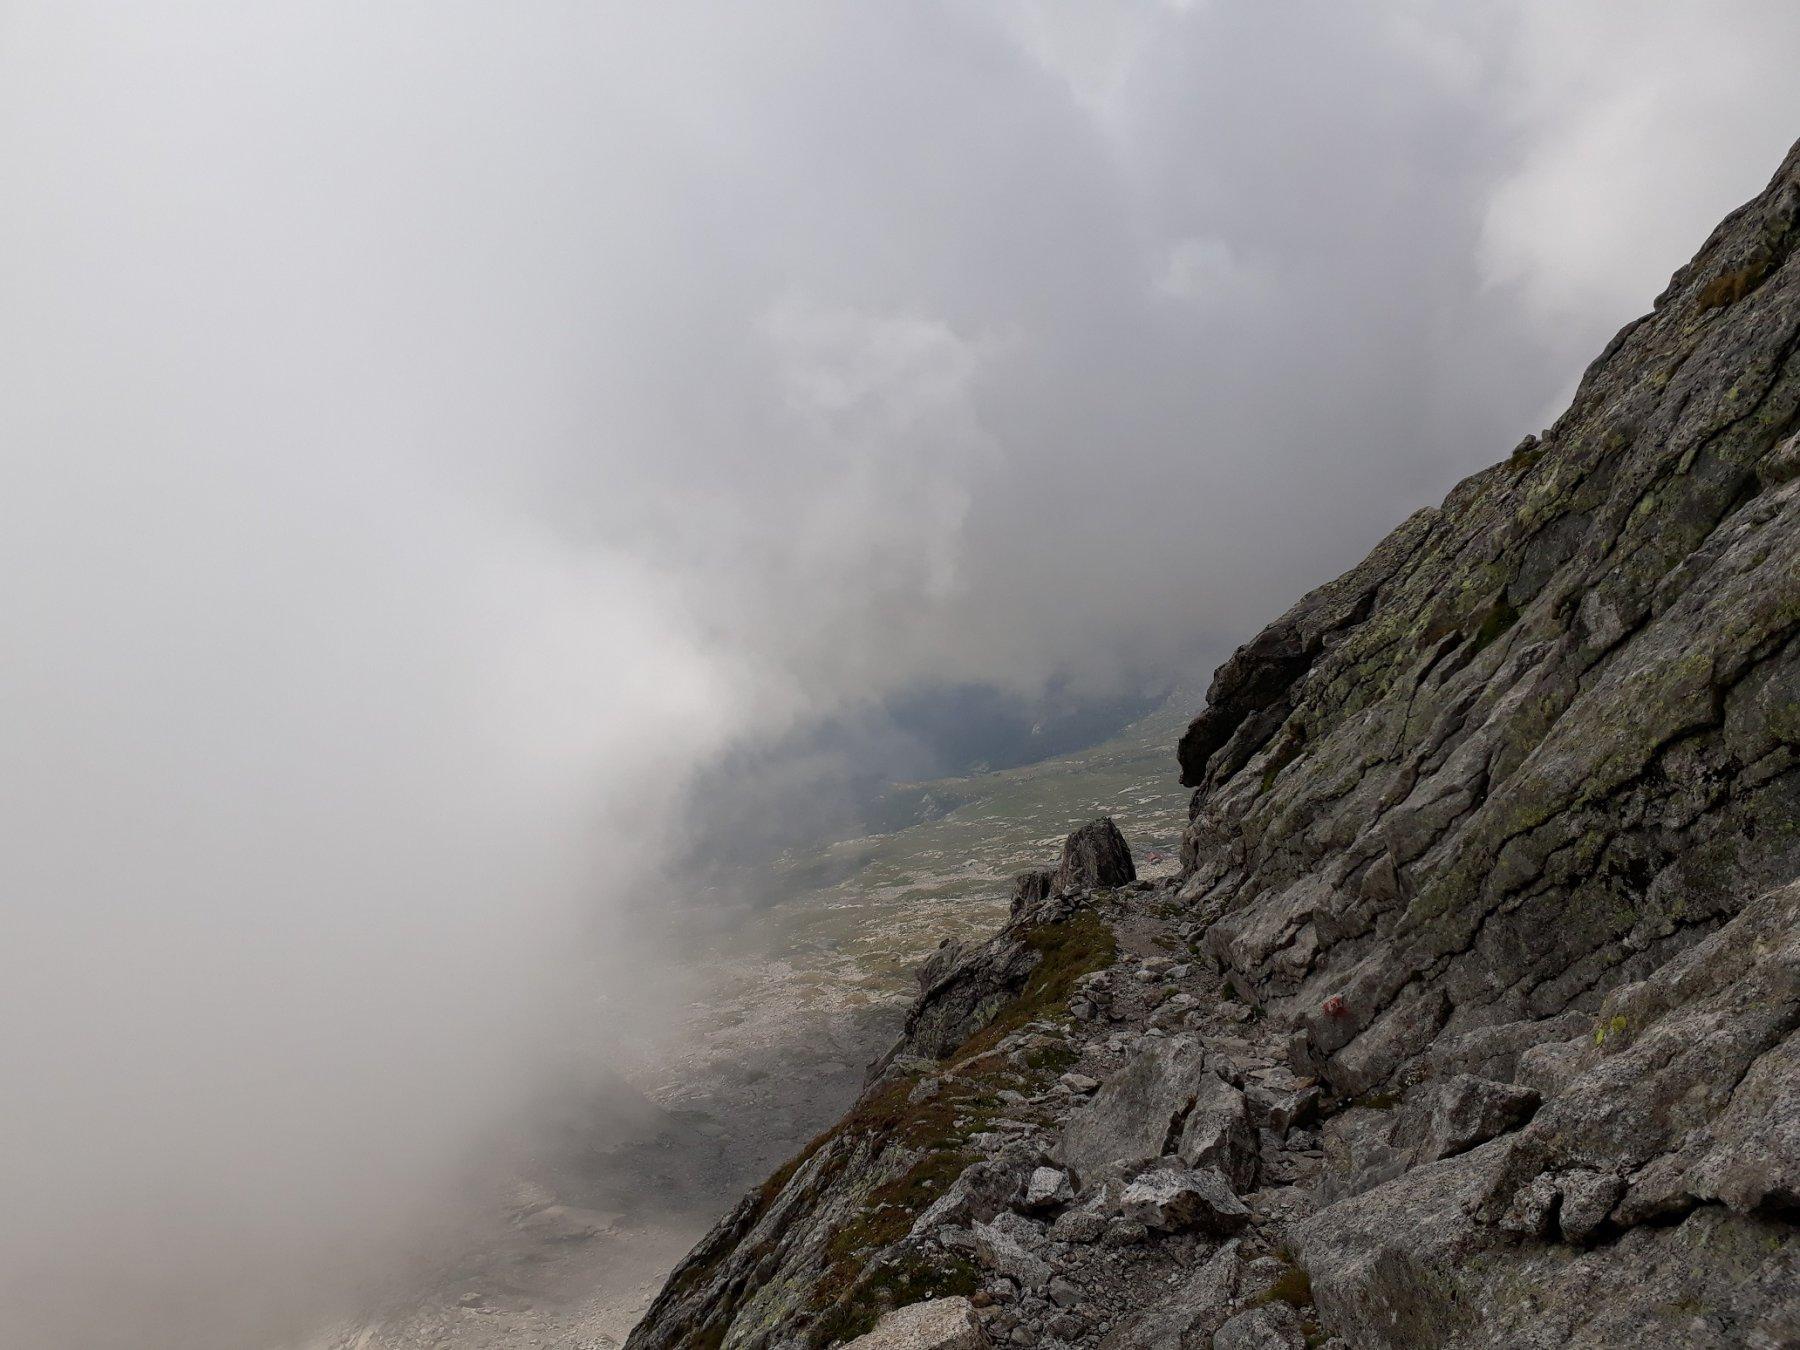 La Cengia verso la Croce, il rifugio Giannetti è apena visibile tra le rocce...!